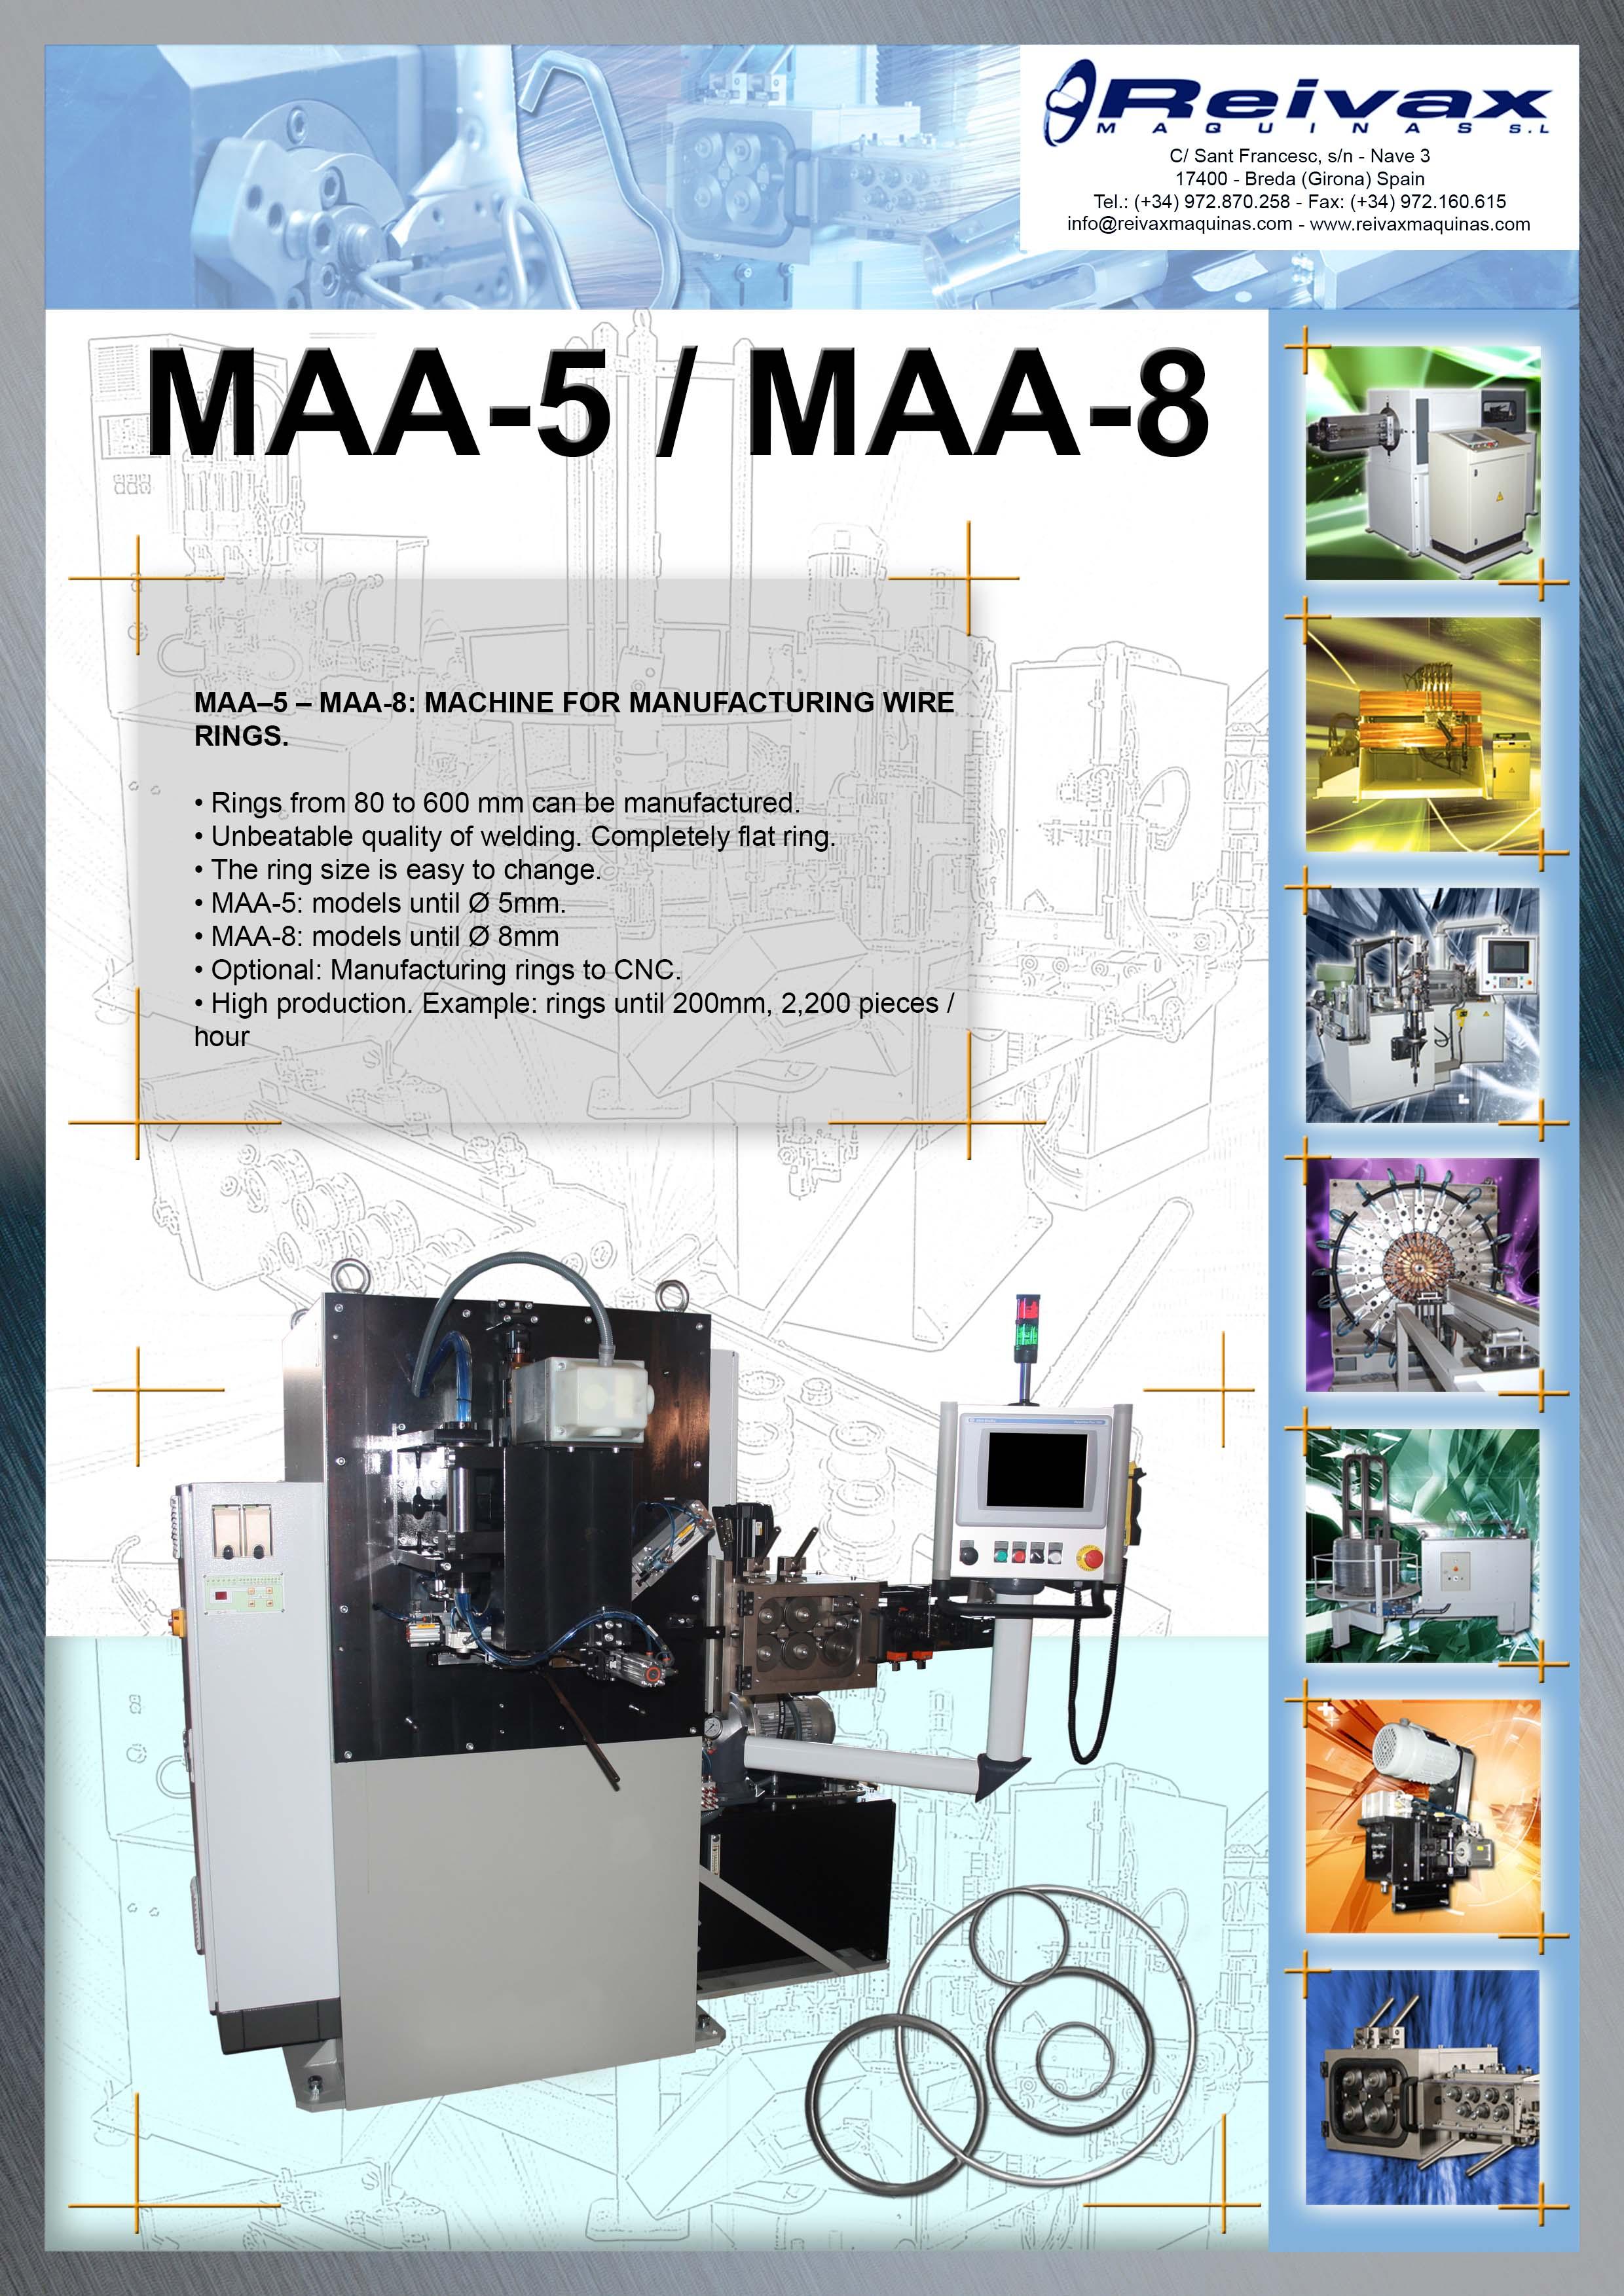 ReivaxMaquinas: Technical Details MAA-5 - MAA-8